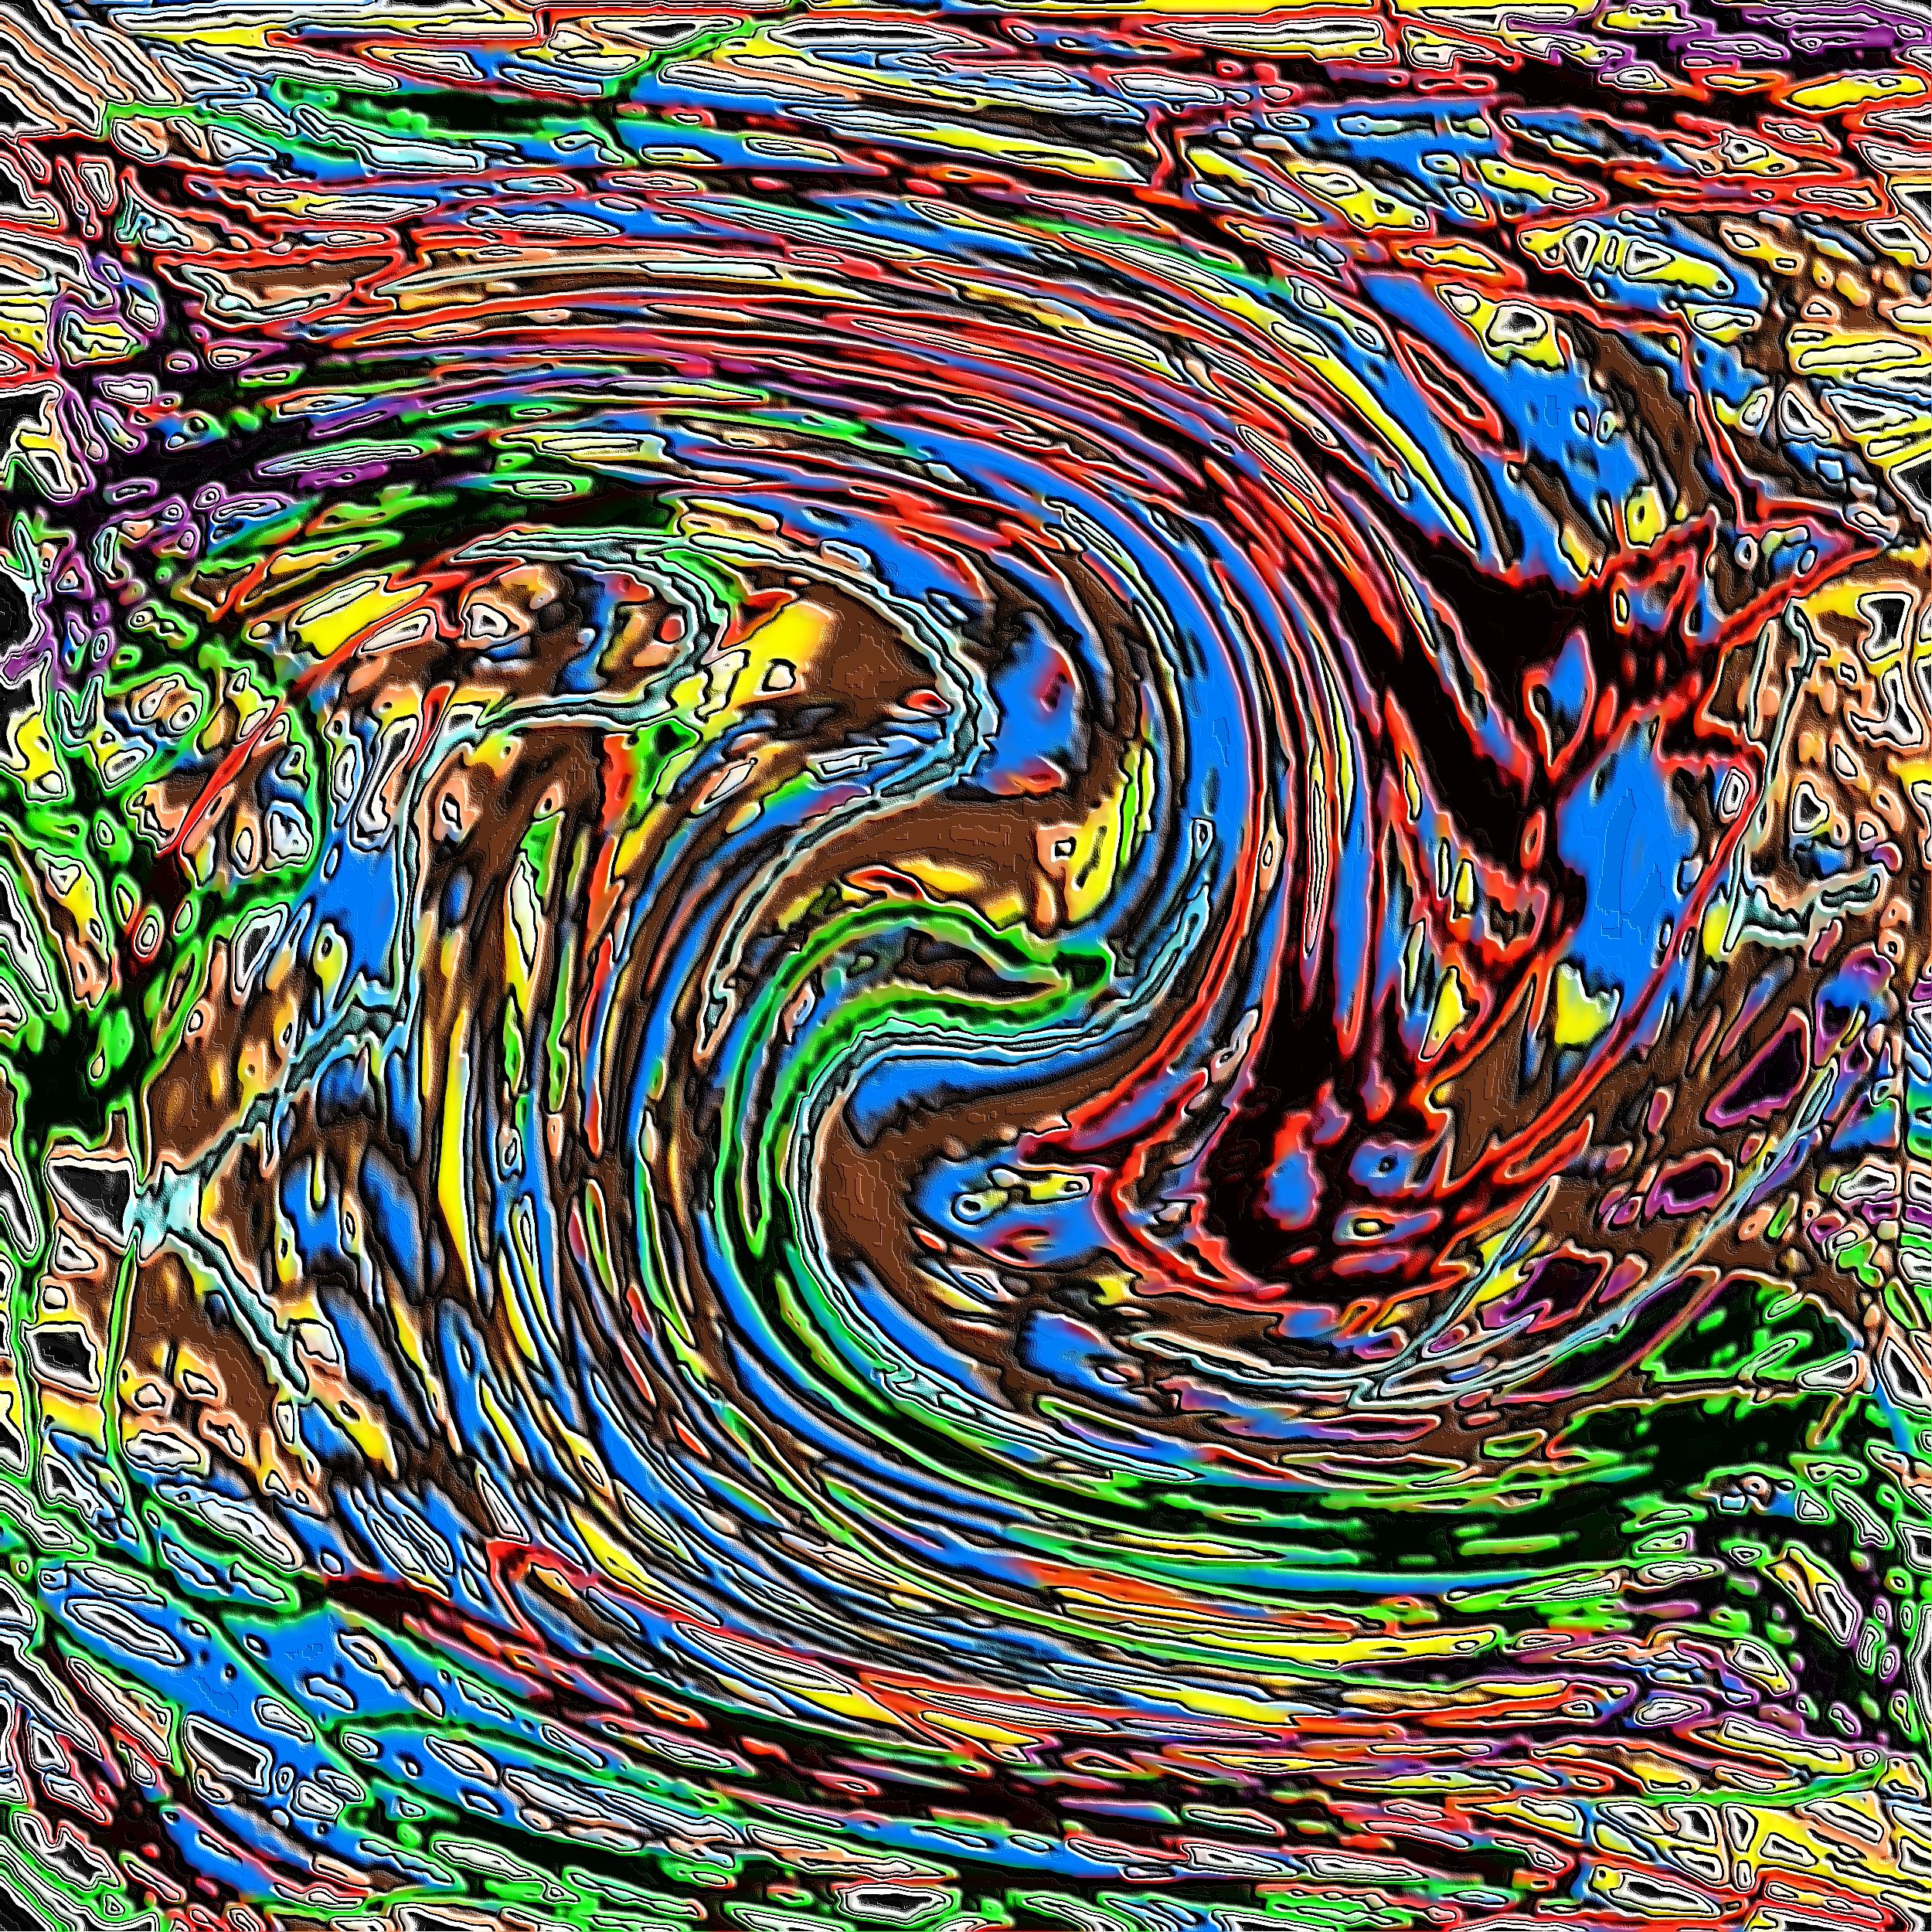 Colour De Noise by crunkerfunker